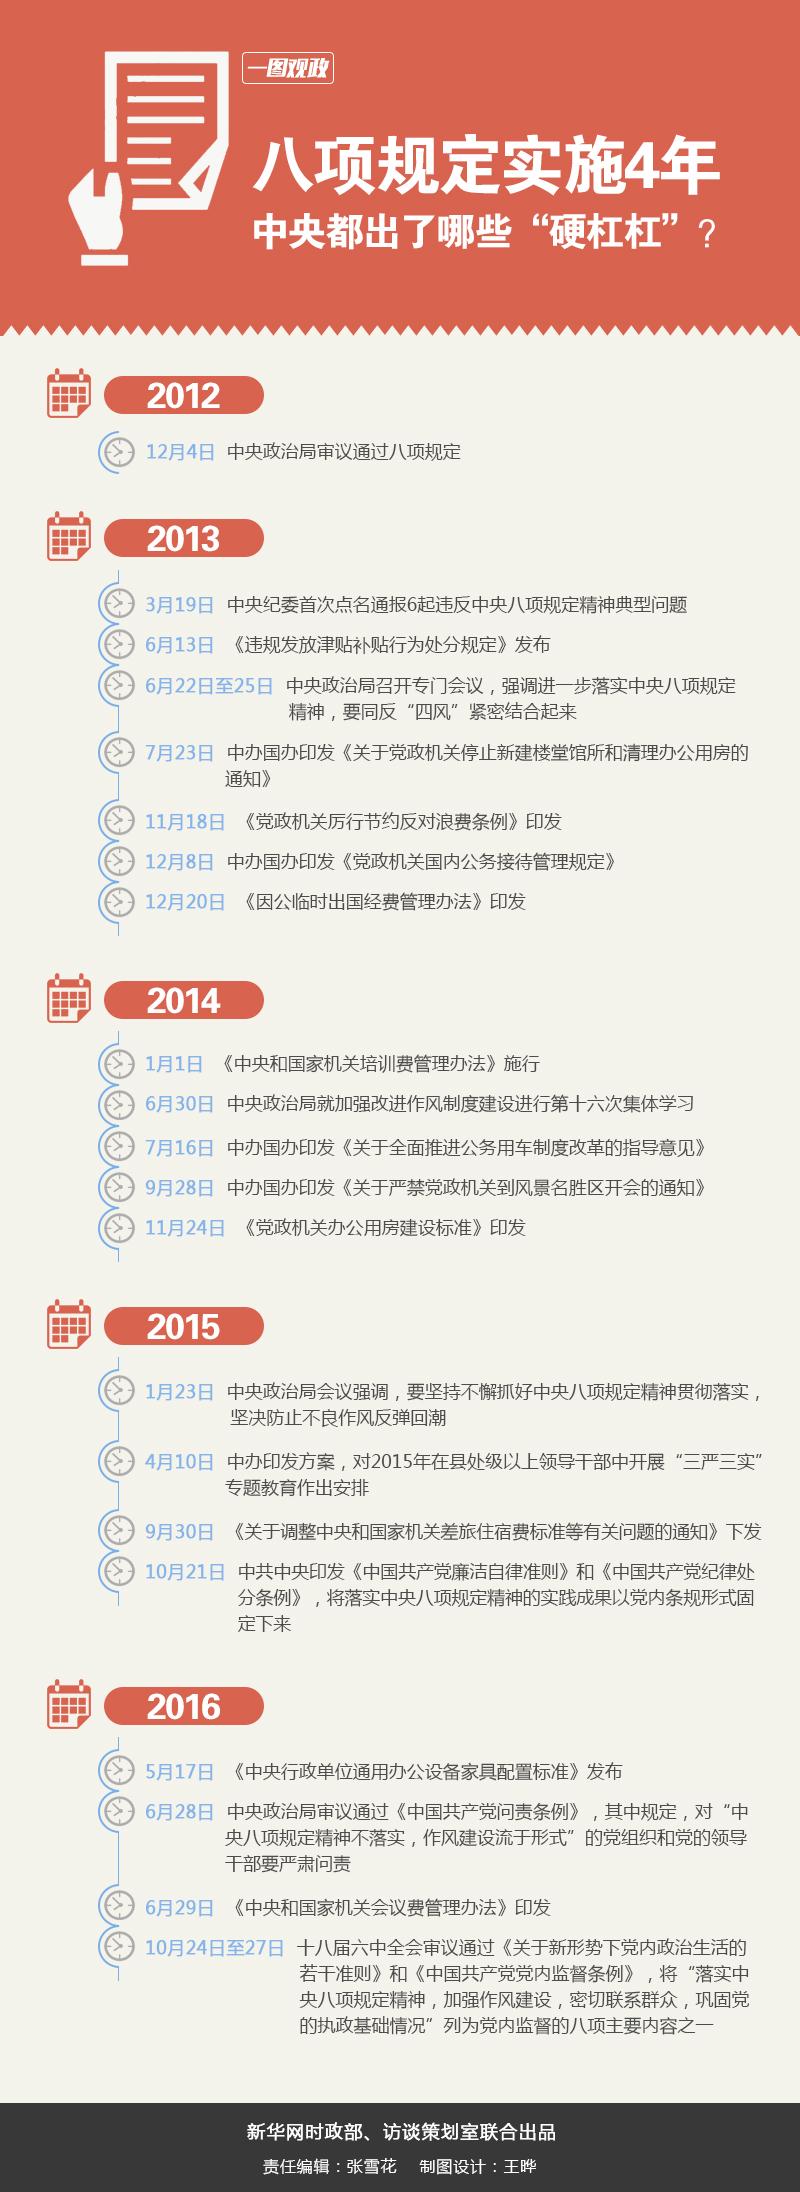 图说2016年中国经济成绩单(四) - 记彔无疆 - 数字中国